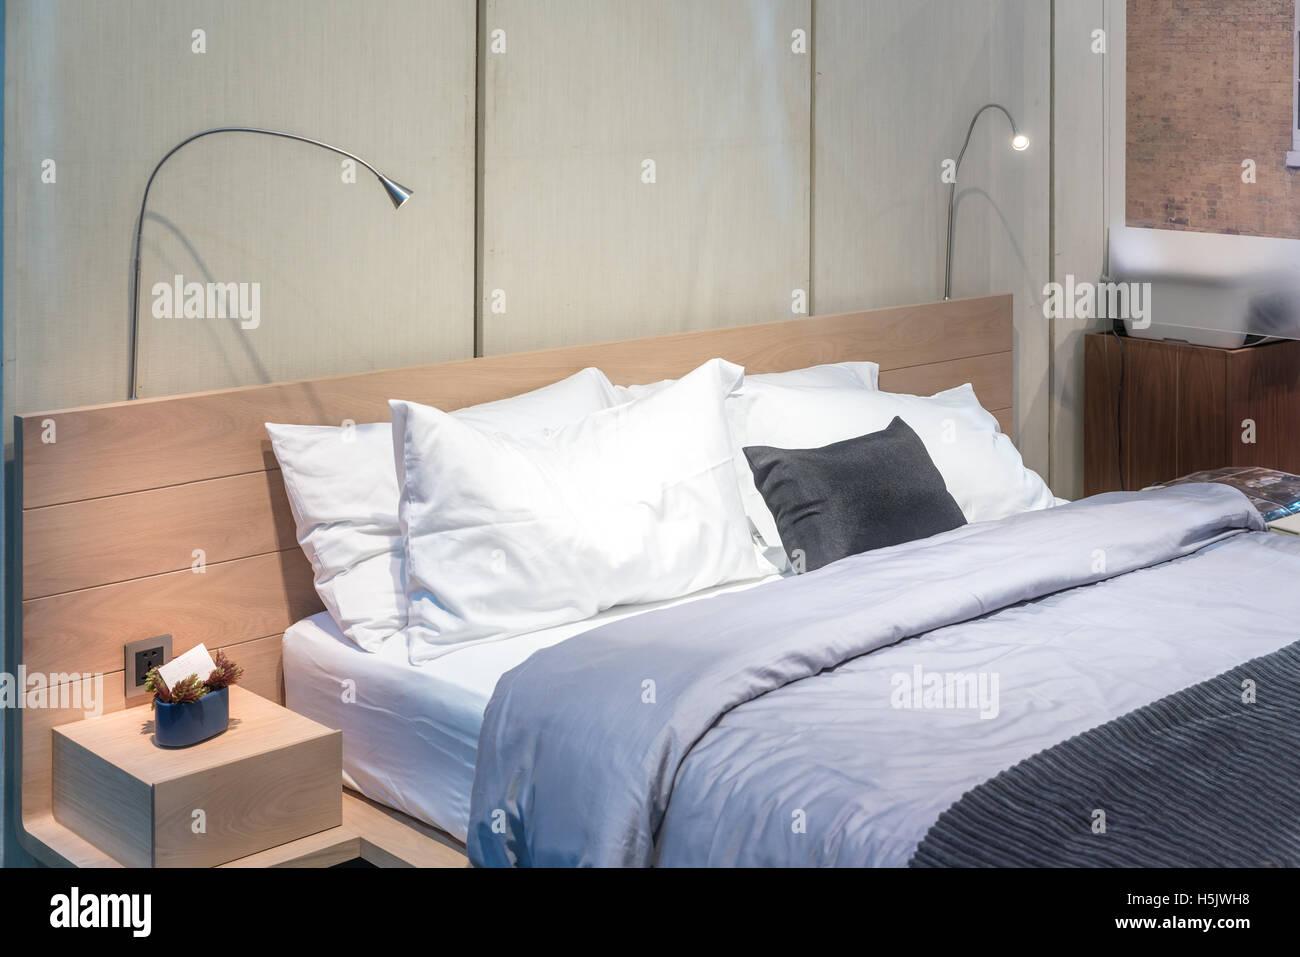 Schlafzimmer Innenraum Mit Bett Und Kissen Für Gemütliches Zuhause